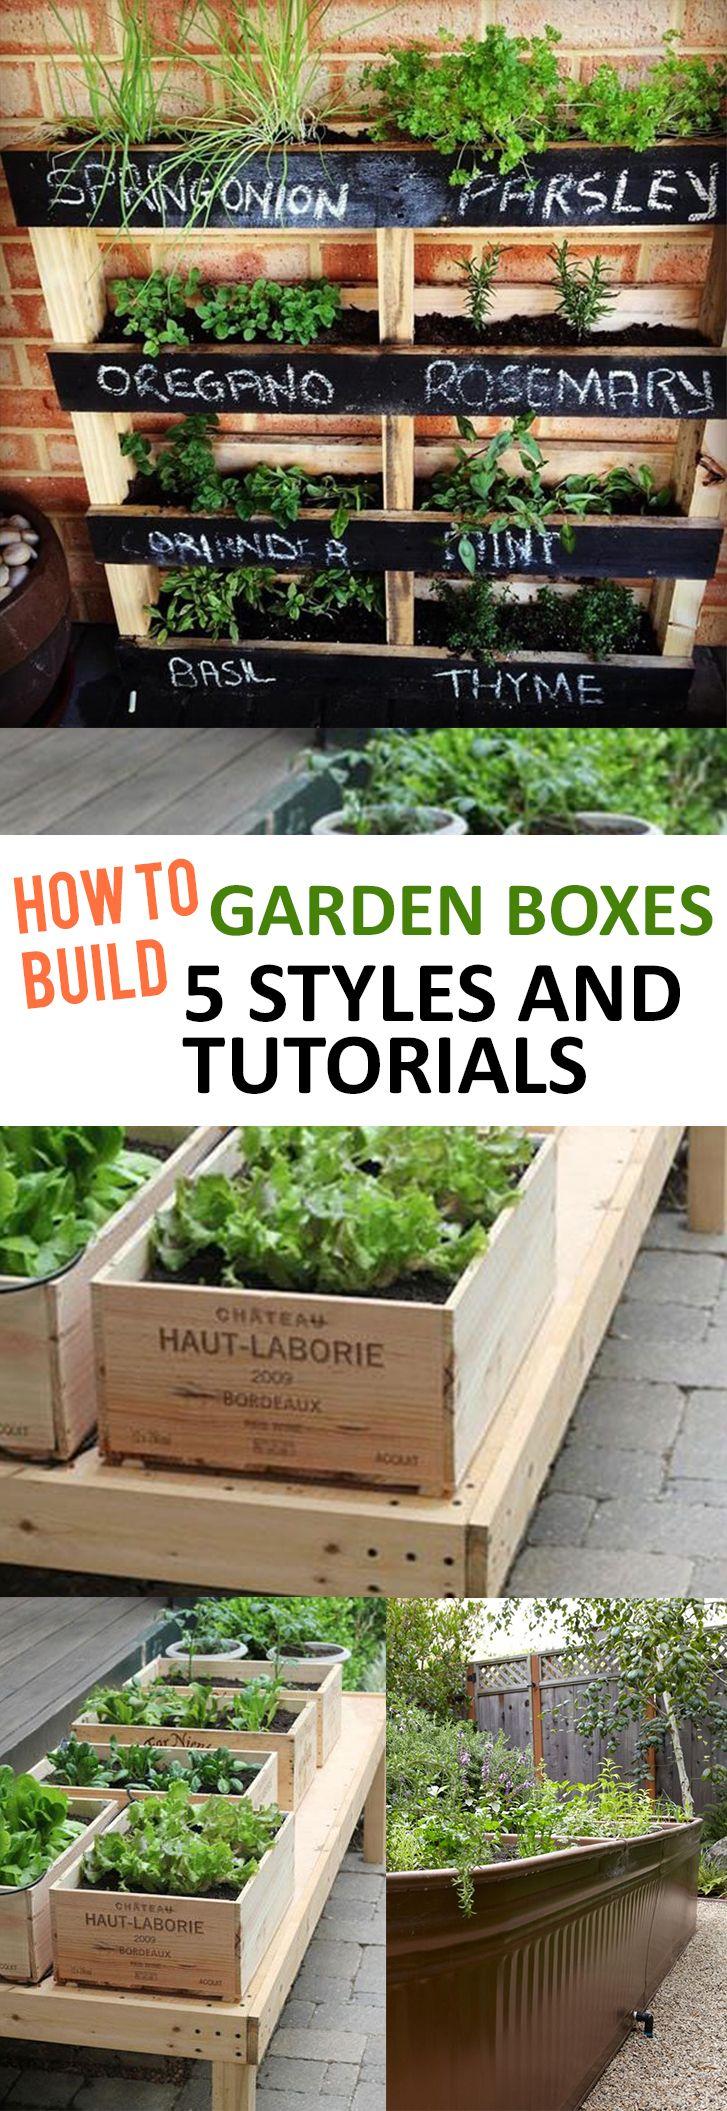 Gardening, Home Garden, Garden Hacks, Garden Tips And Tricks, Growing  Plants,